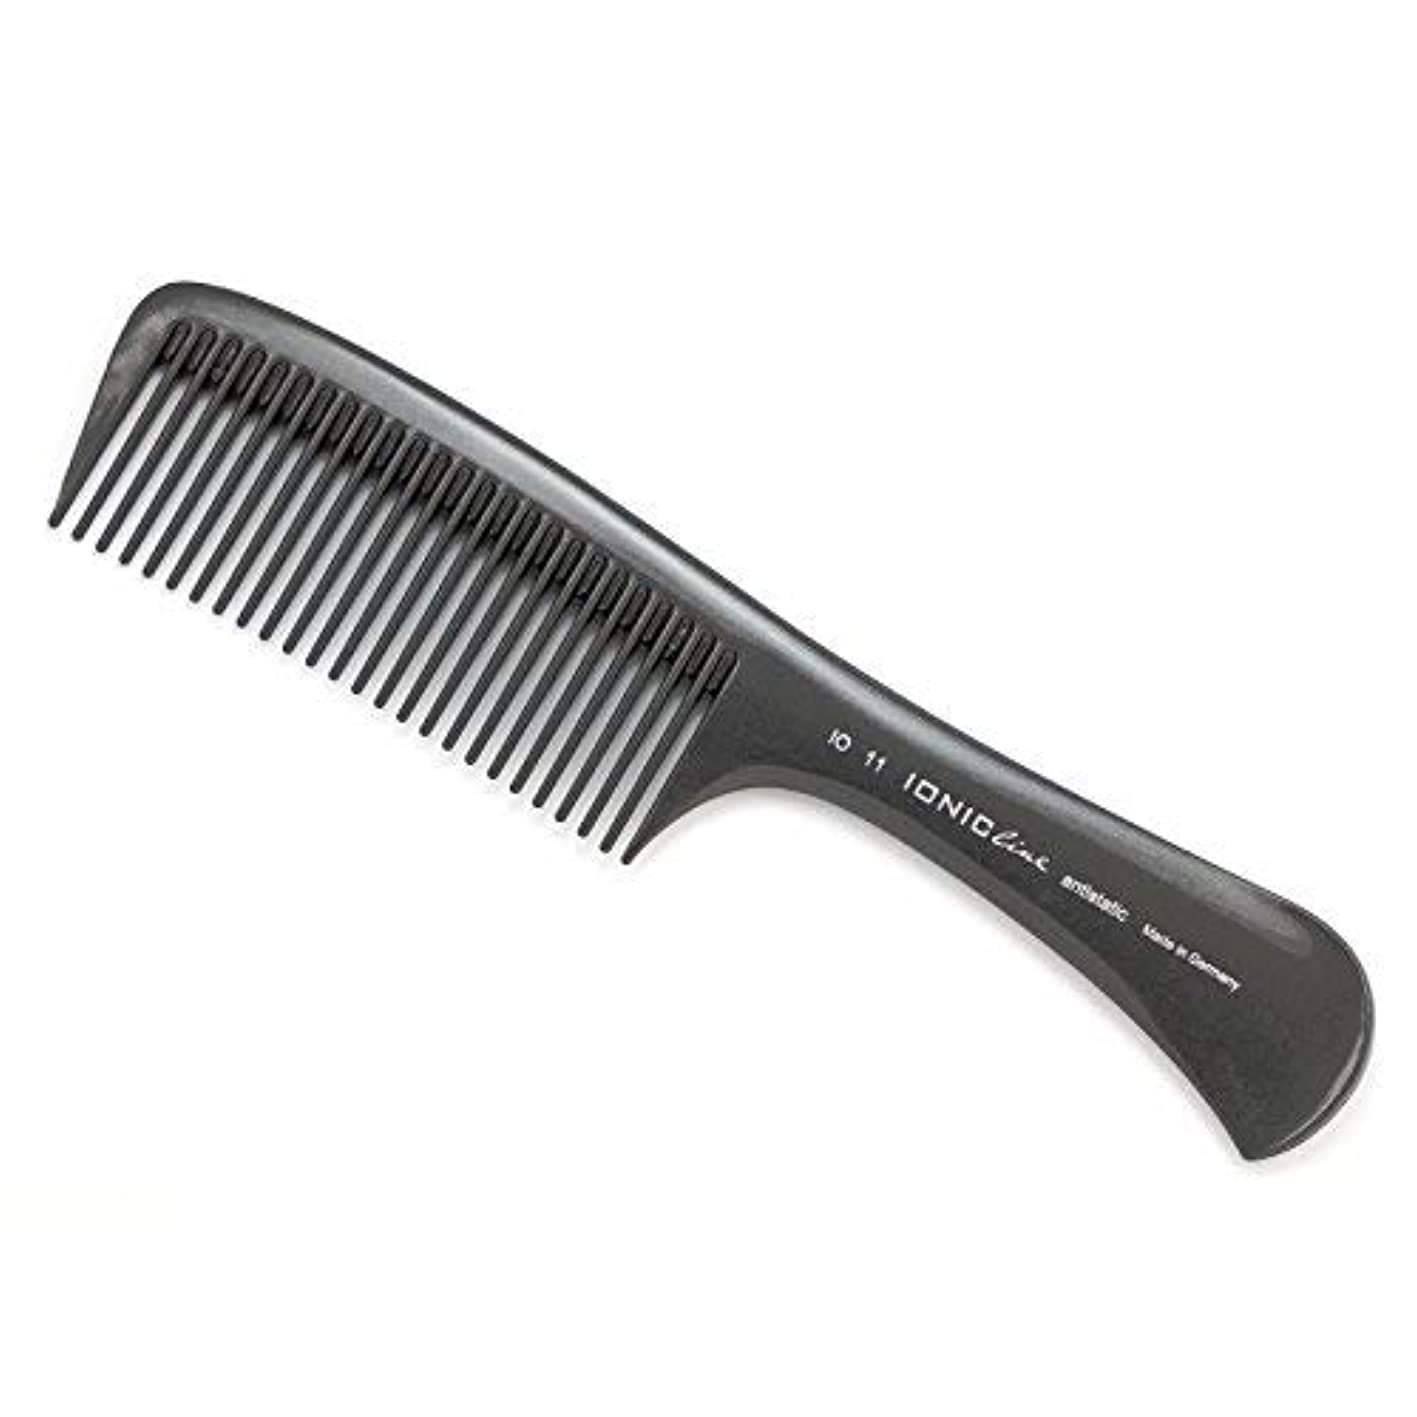 血まみれ感動する空港Hercules S?gemann IONIC Line Handle Comb, Big Working Comb | Ionized Thermoplastic - Made in Germany [並行輸入品]